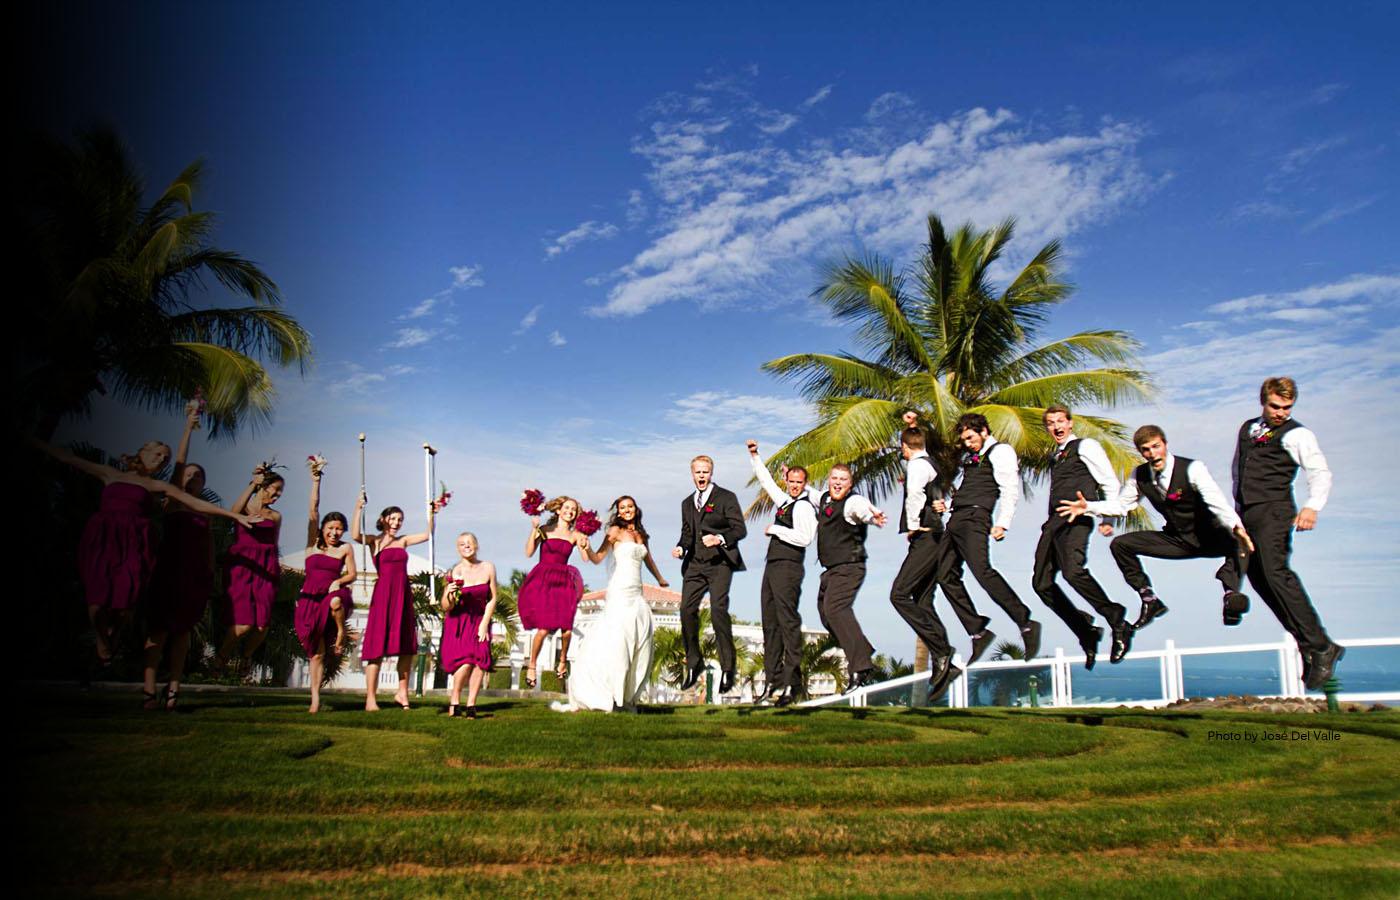 Puerto rico wedding and destination wedding ferrer video for Wedding venues in puerto rico